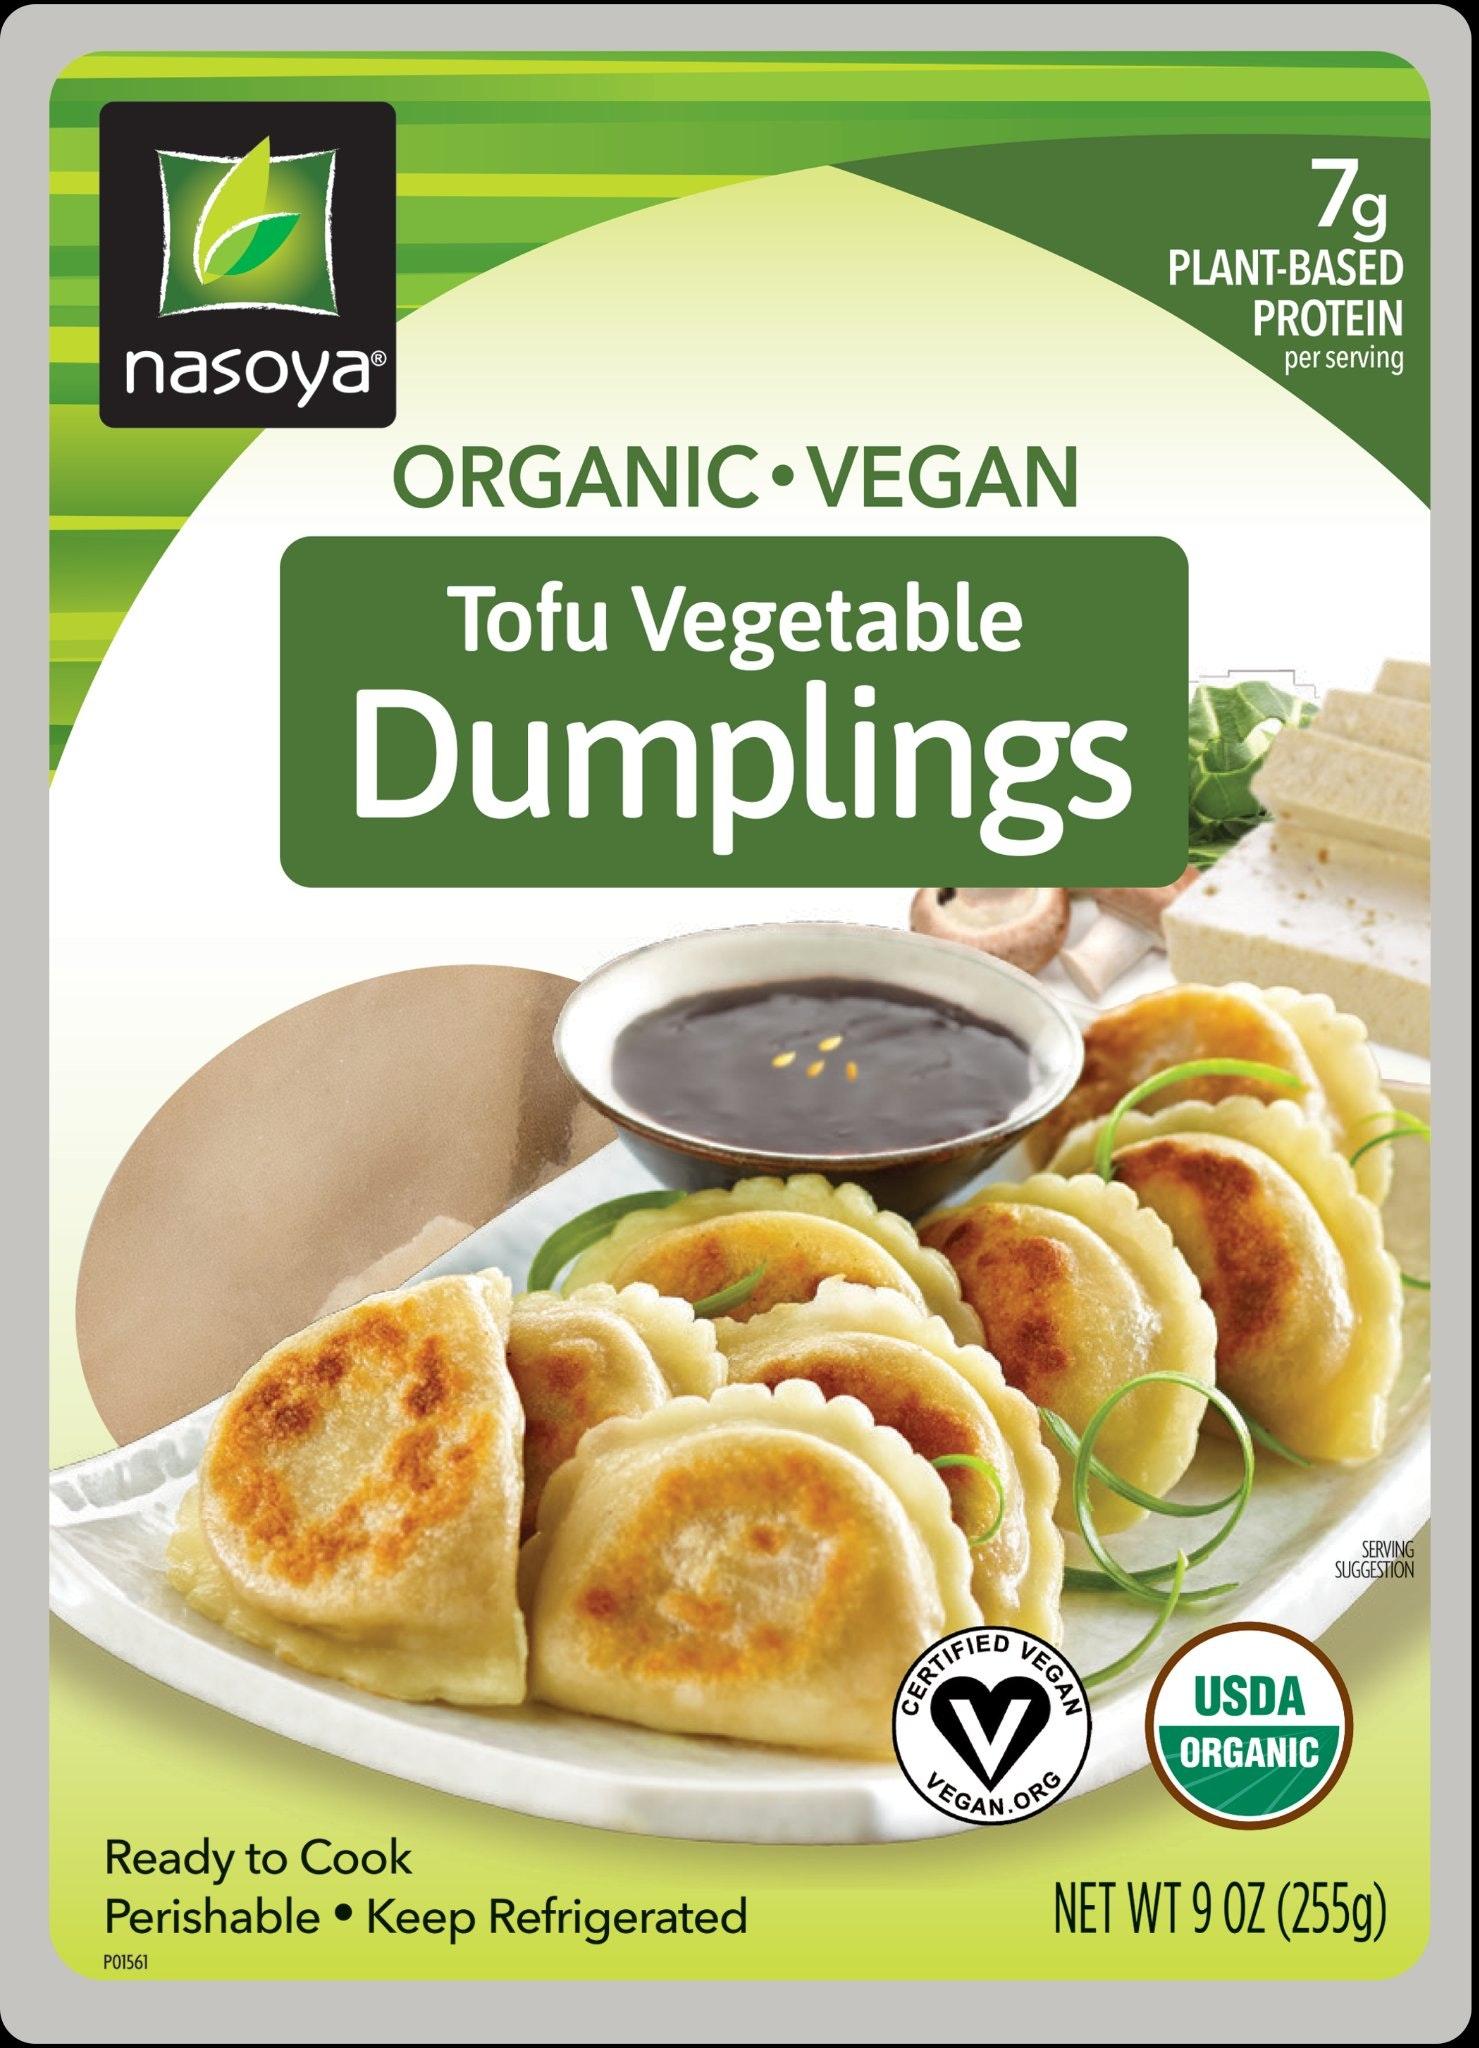 Nasoya Organic Vegan Tofu Vegetable Dumplings